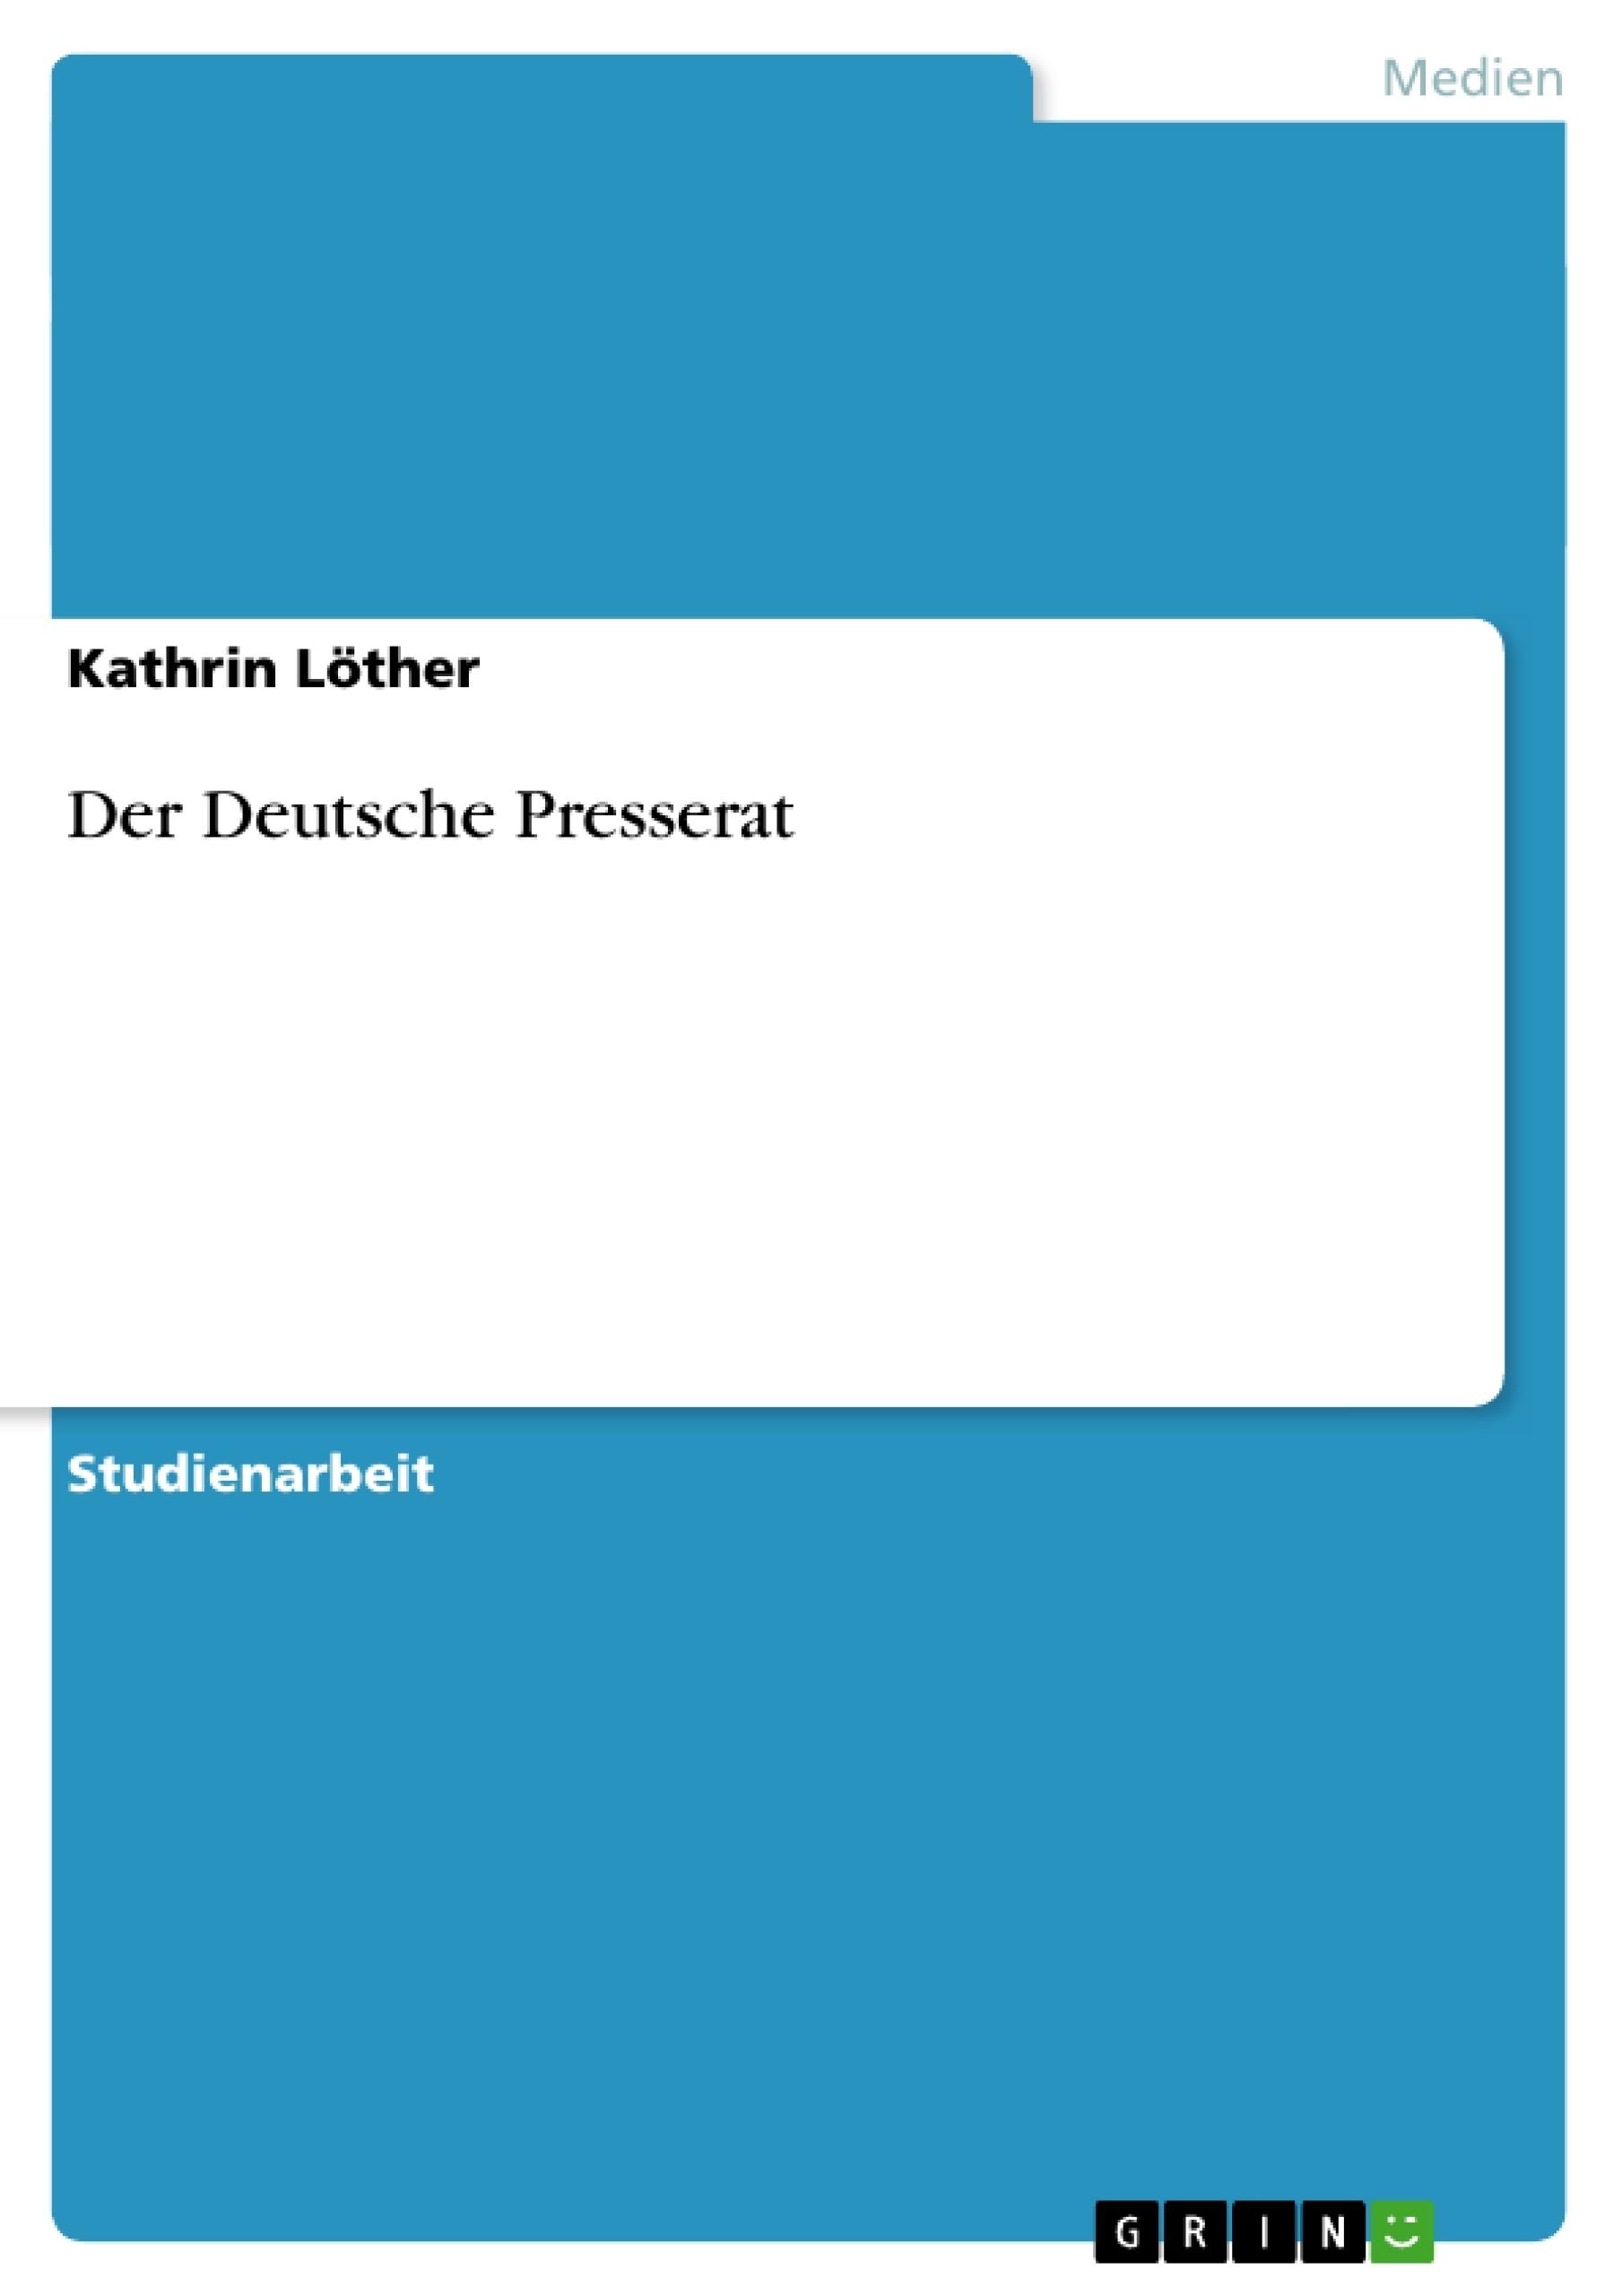 Titel: Der Deutsche Presserat